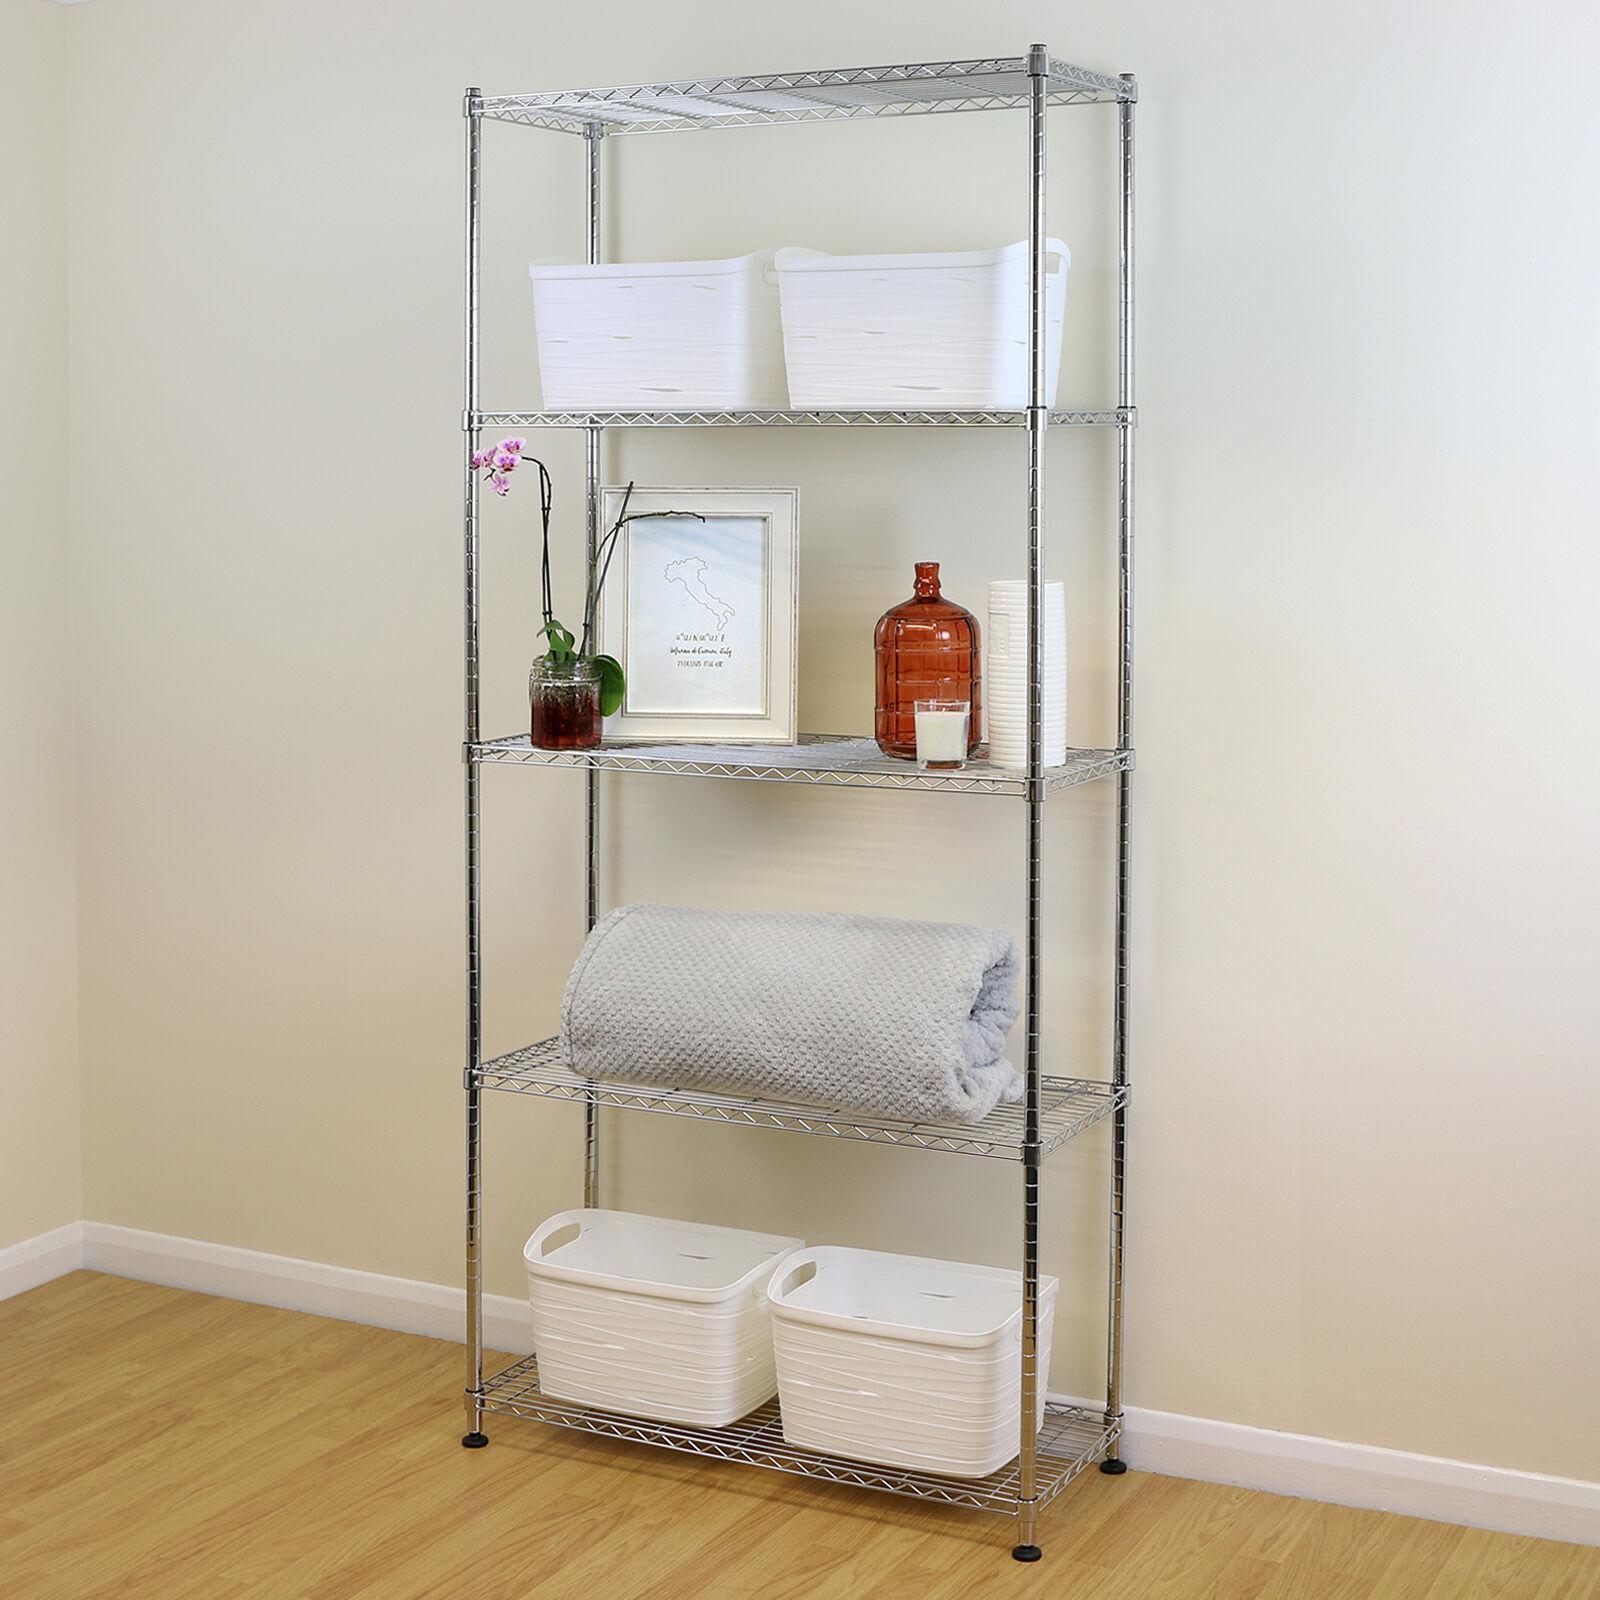 5 niveau chrome métal étagère de rangement étagère fil étagère cuisine bureau unité 200cm